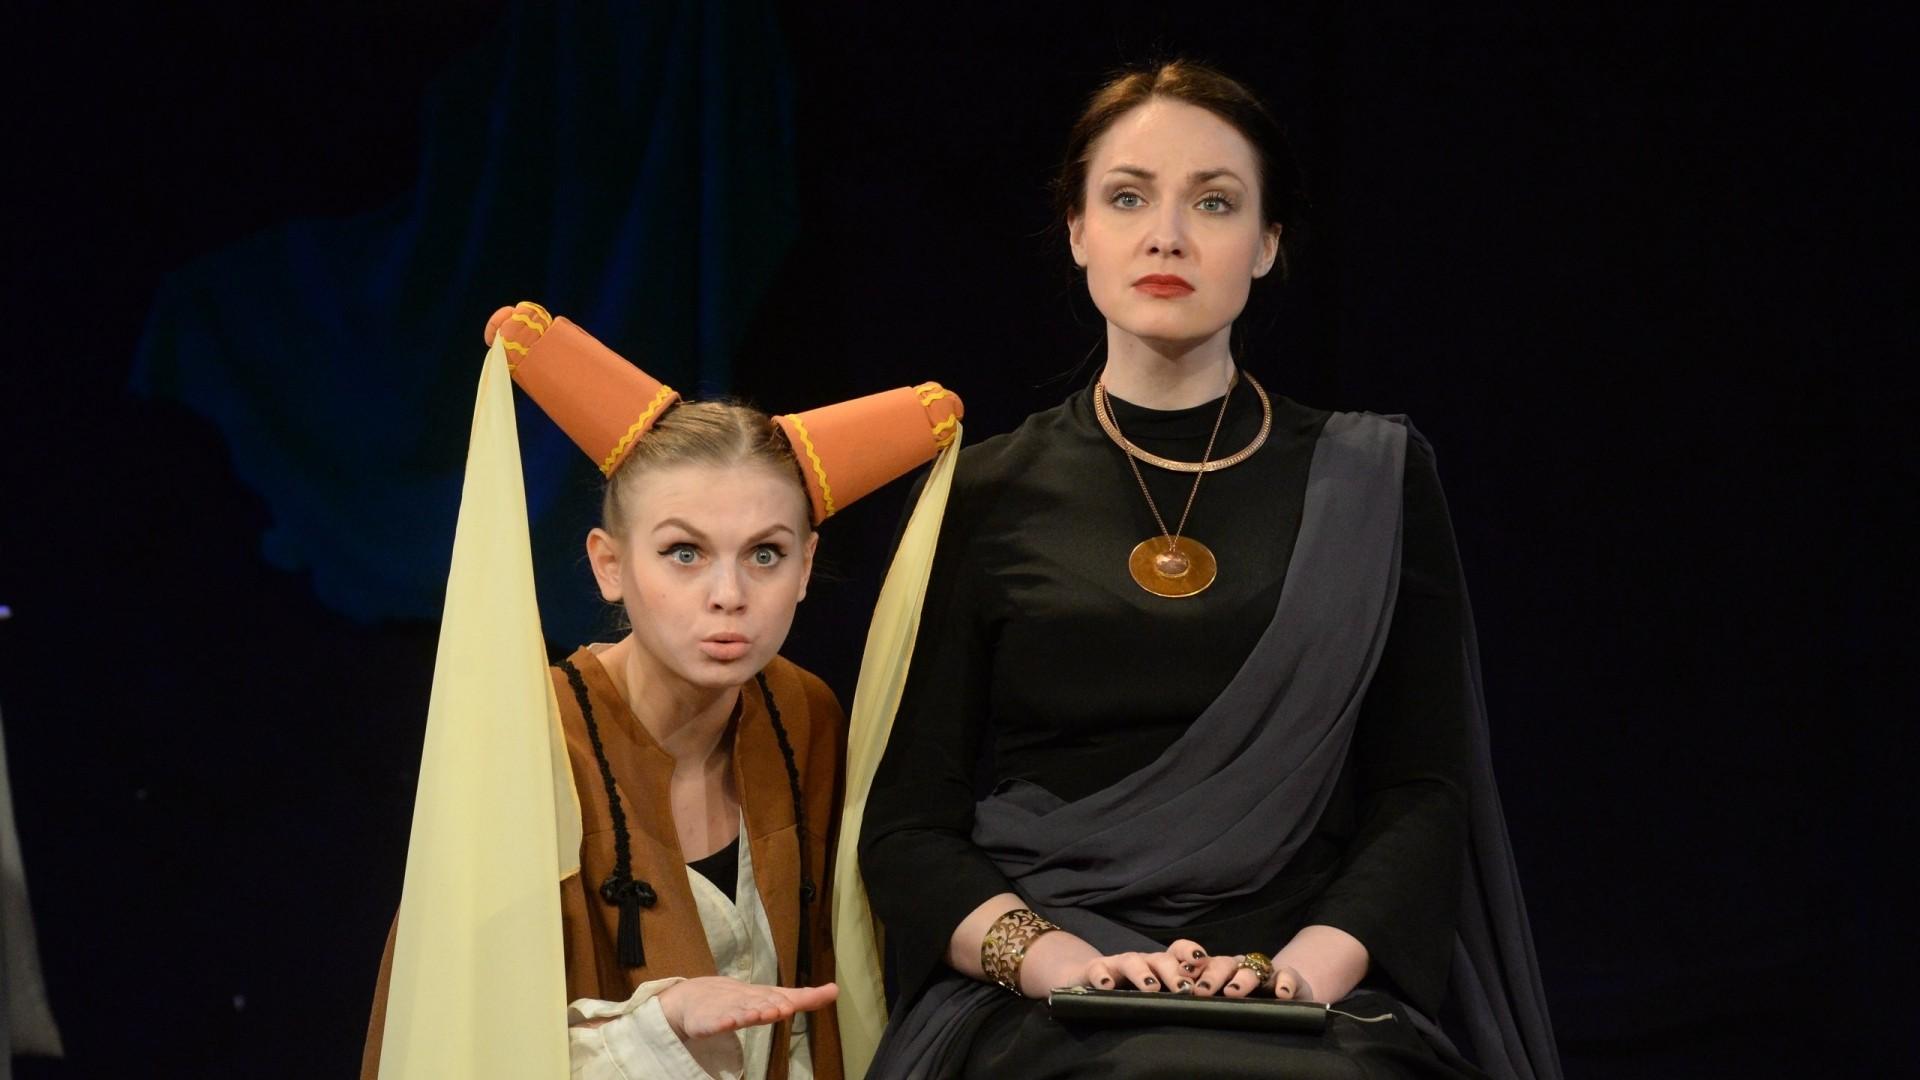 Актриса Ксения Шагаевская: «Из-за роли шута хотела уйти из театрального института»